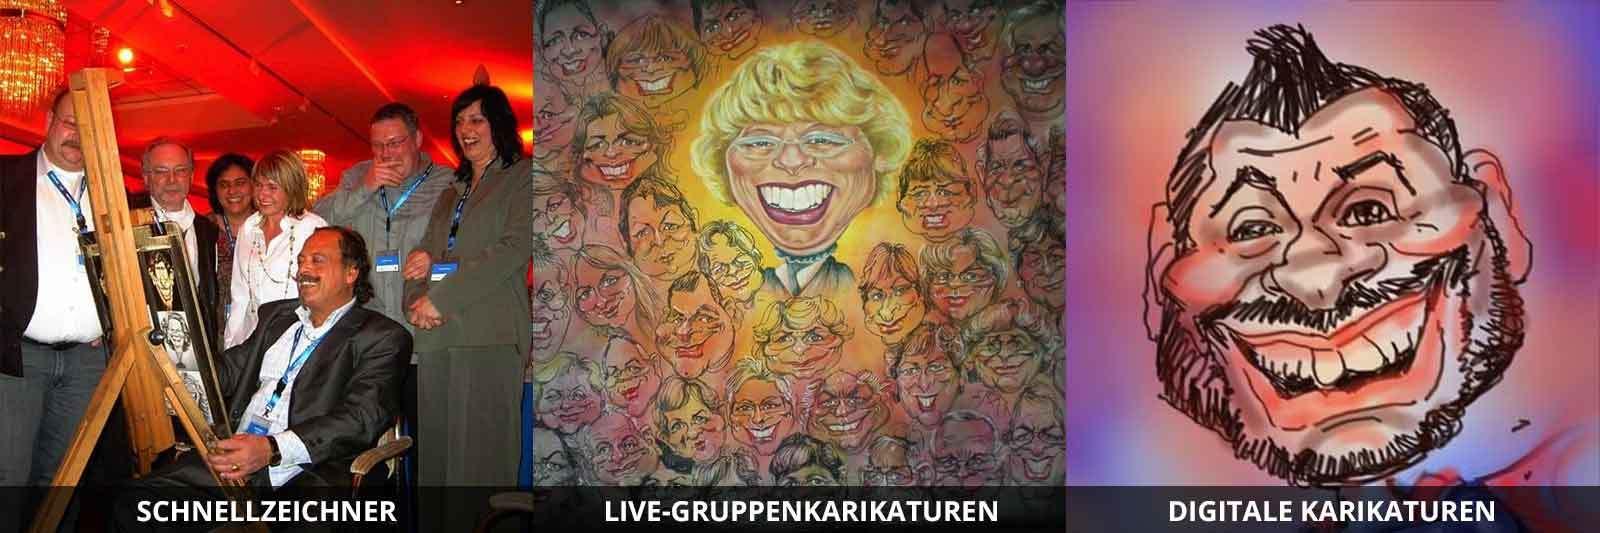 Schnellzeichner | Live-Gruppenkarikaturen | Digitale Karikaturen